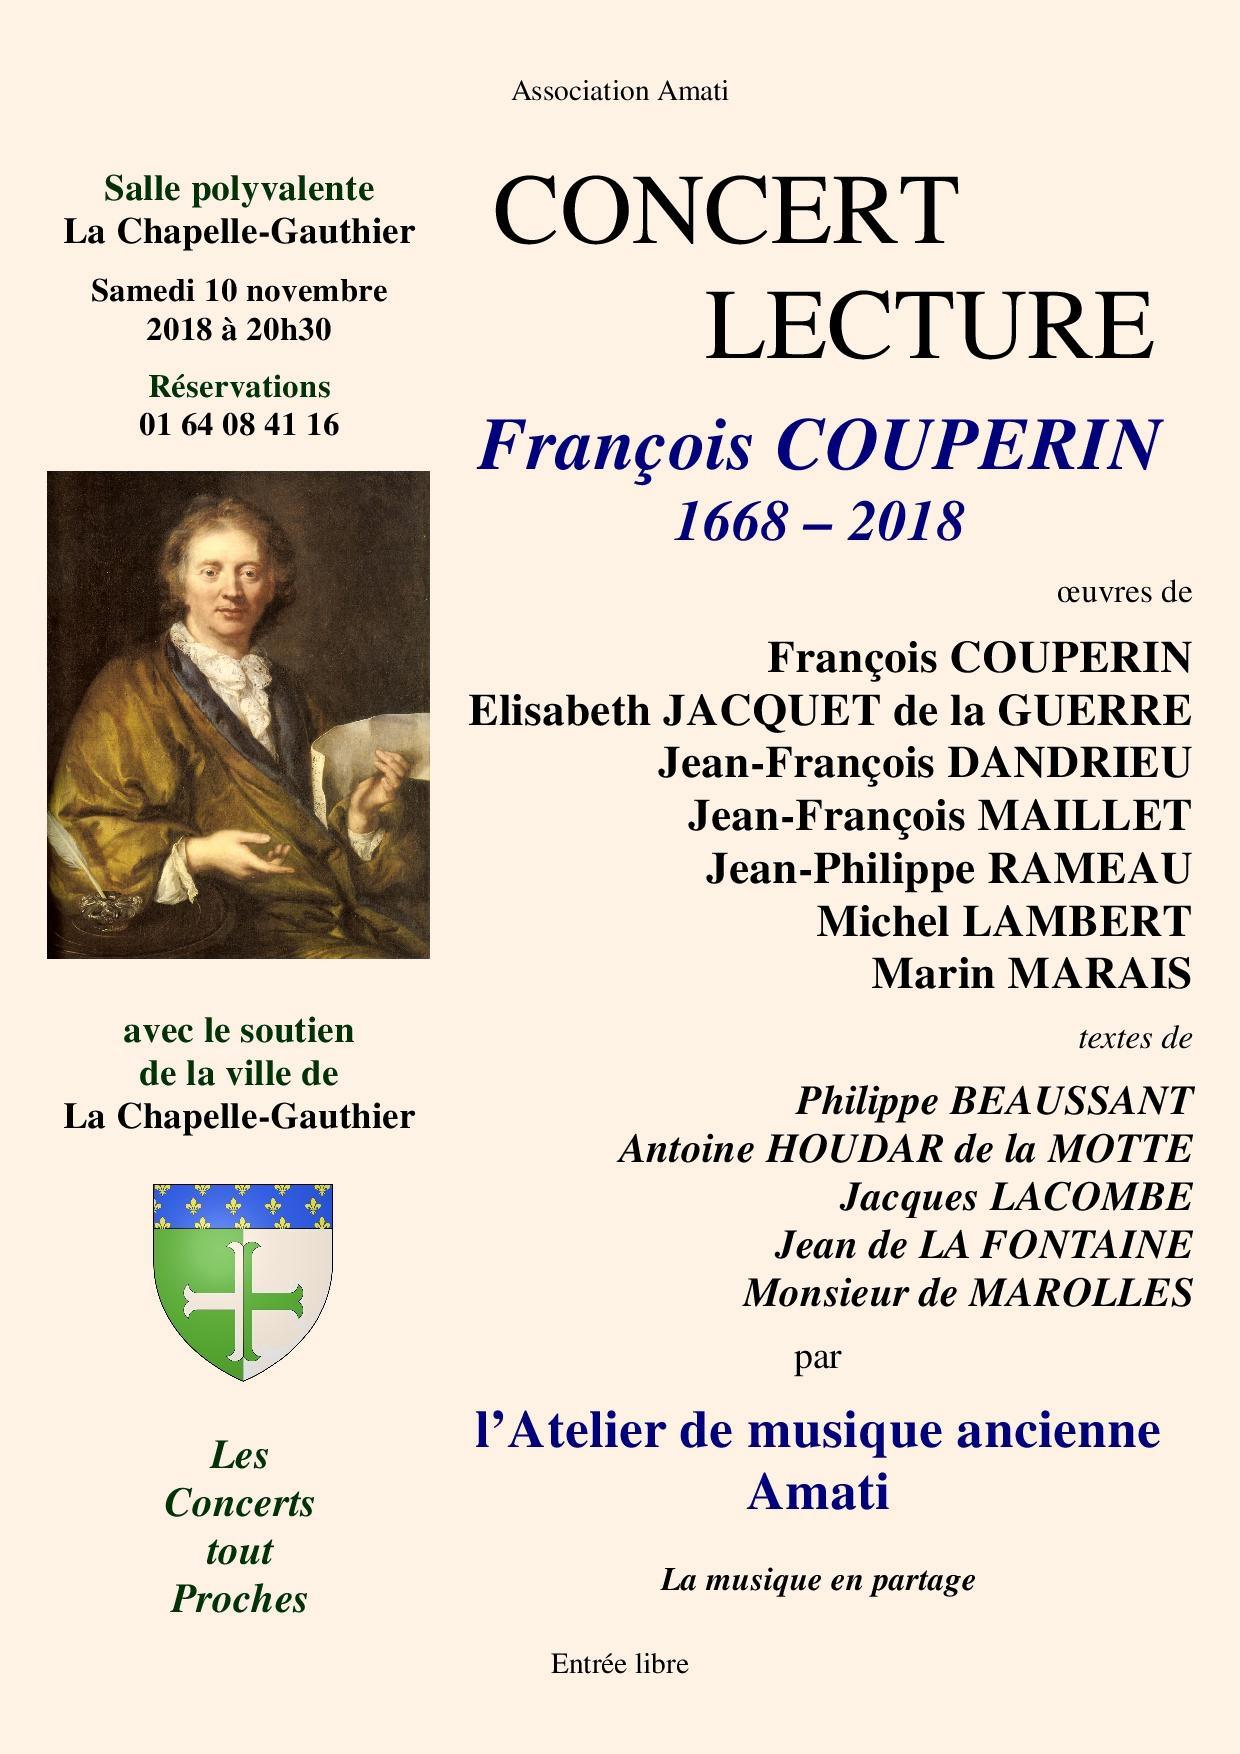 François Couperin 1668-2018